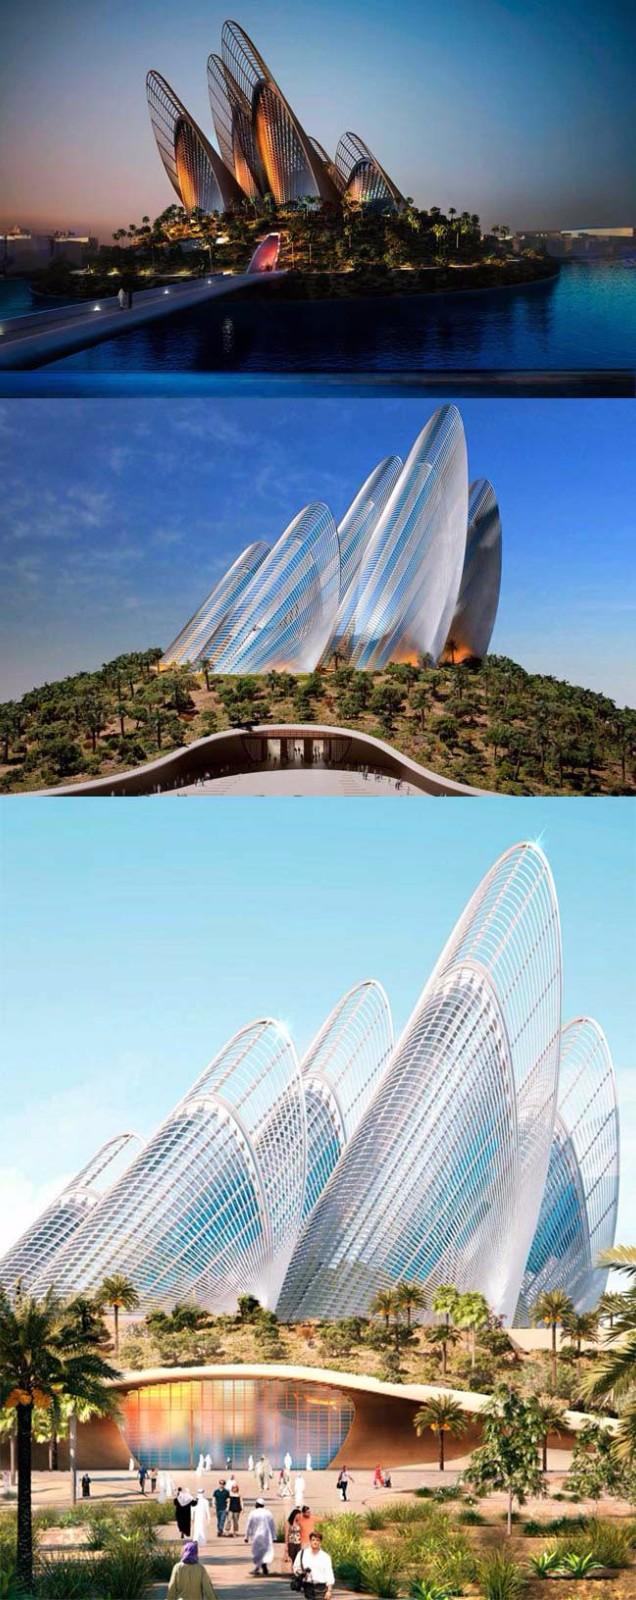 未来建筑效果国